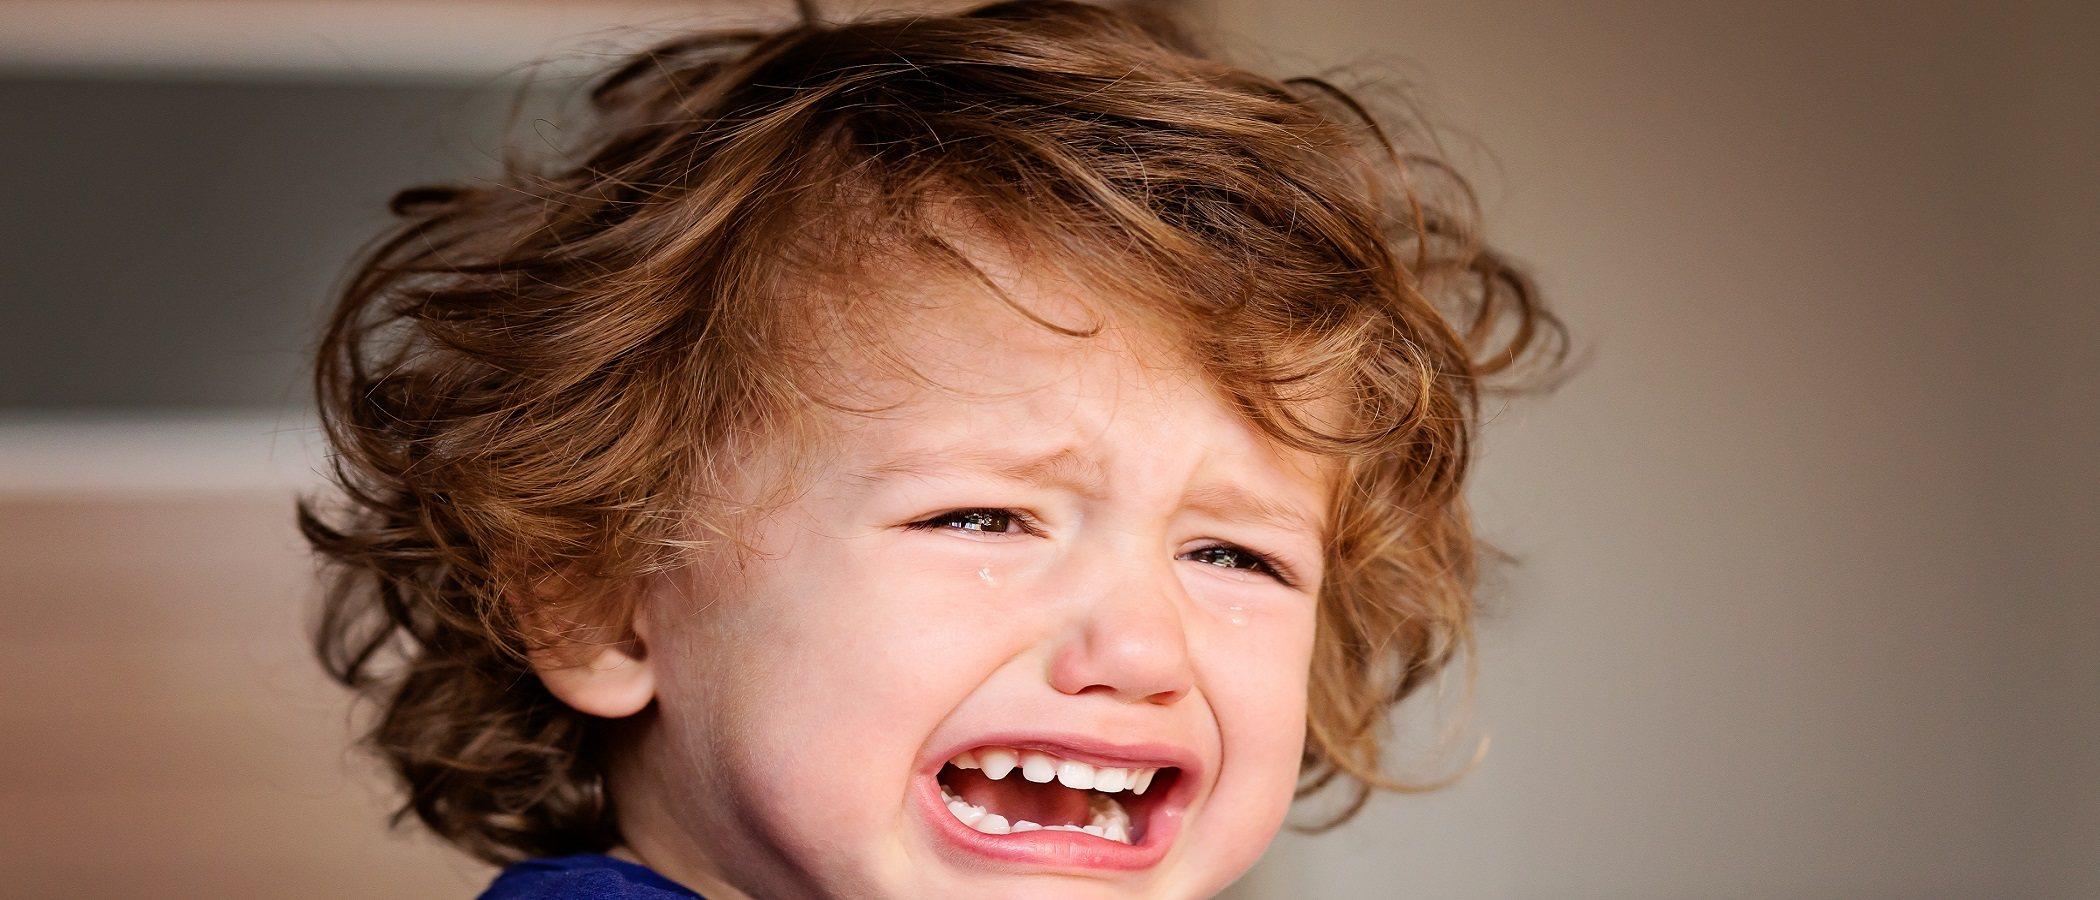 Trastornos de comportamiento disruptivo en los niños